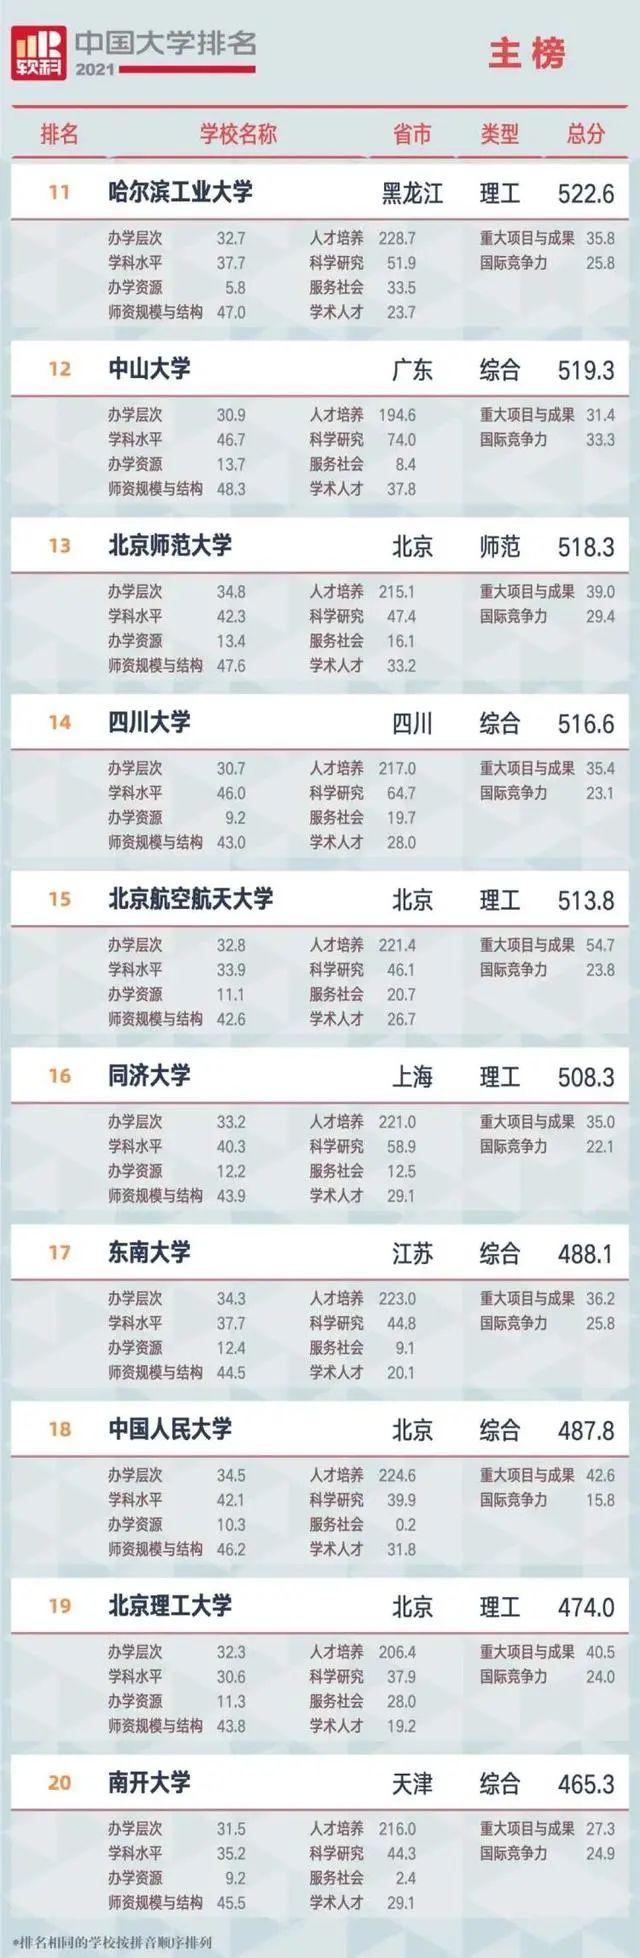 广西大学跻身全国百强